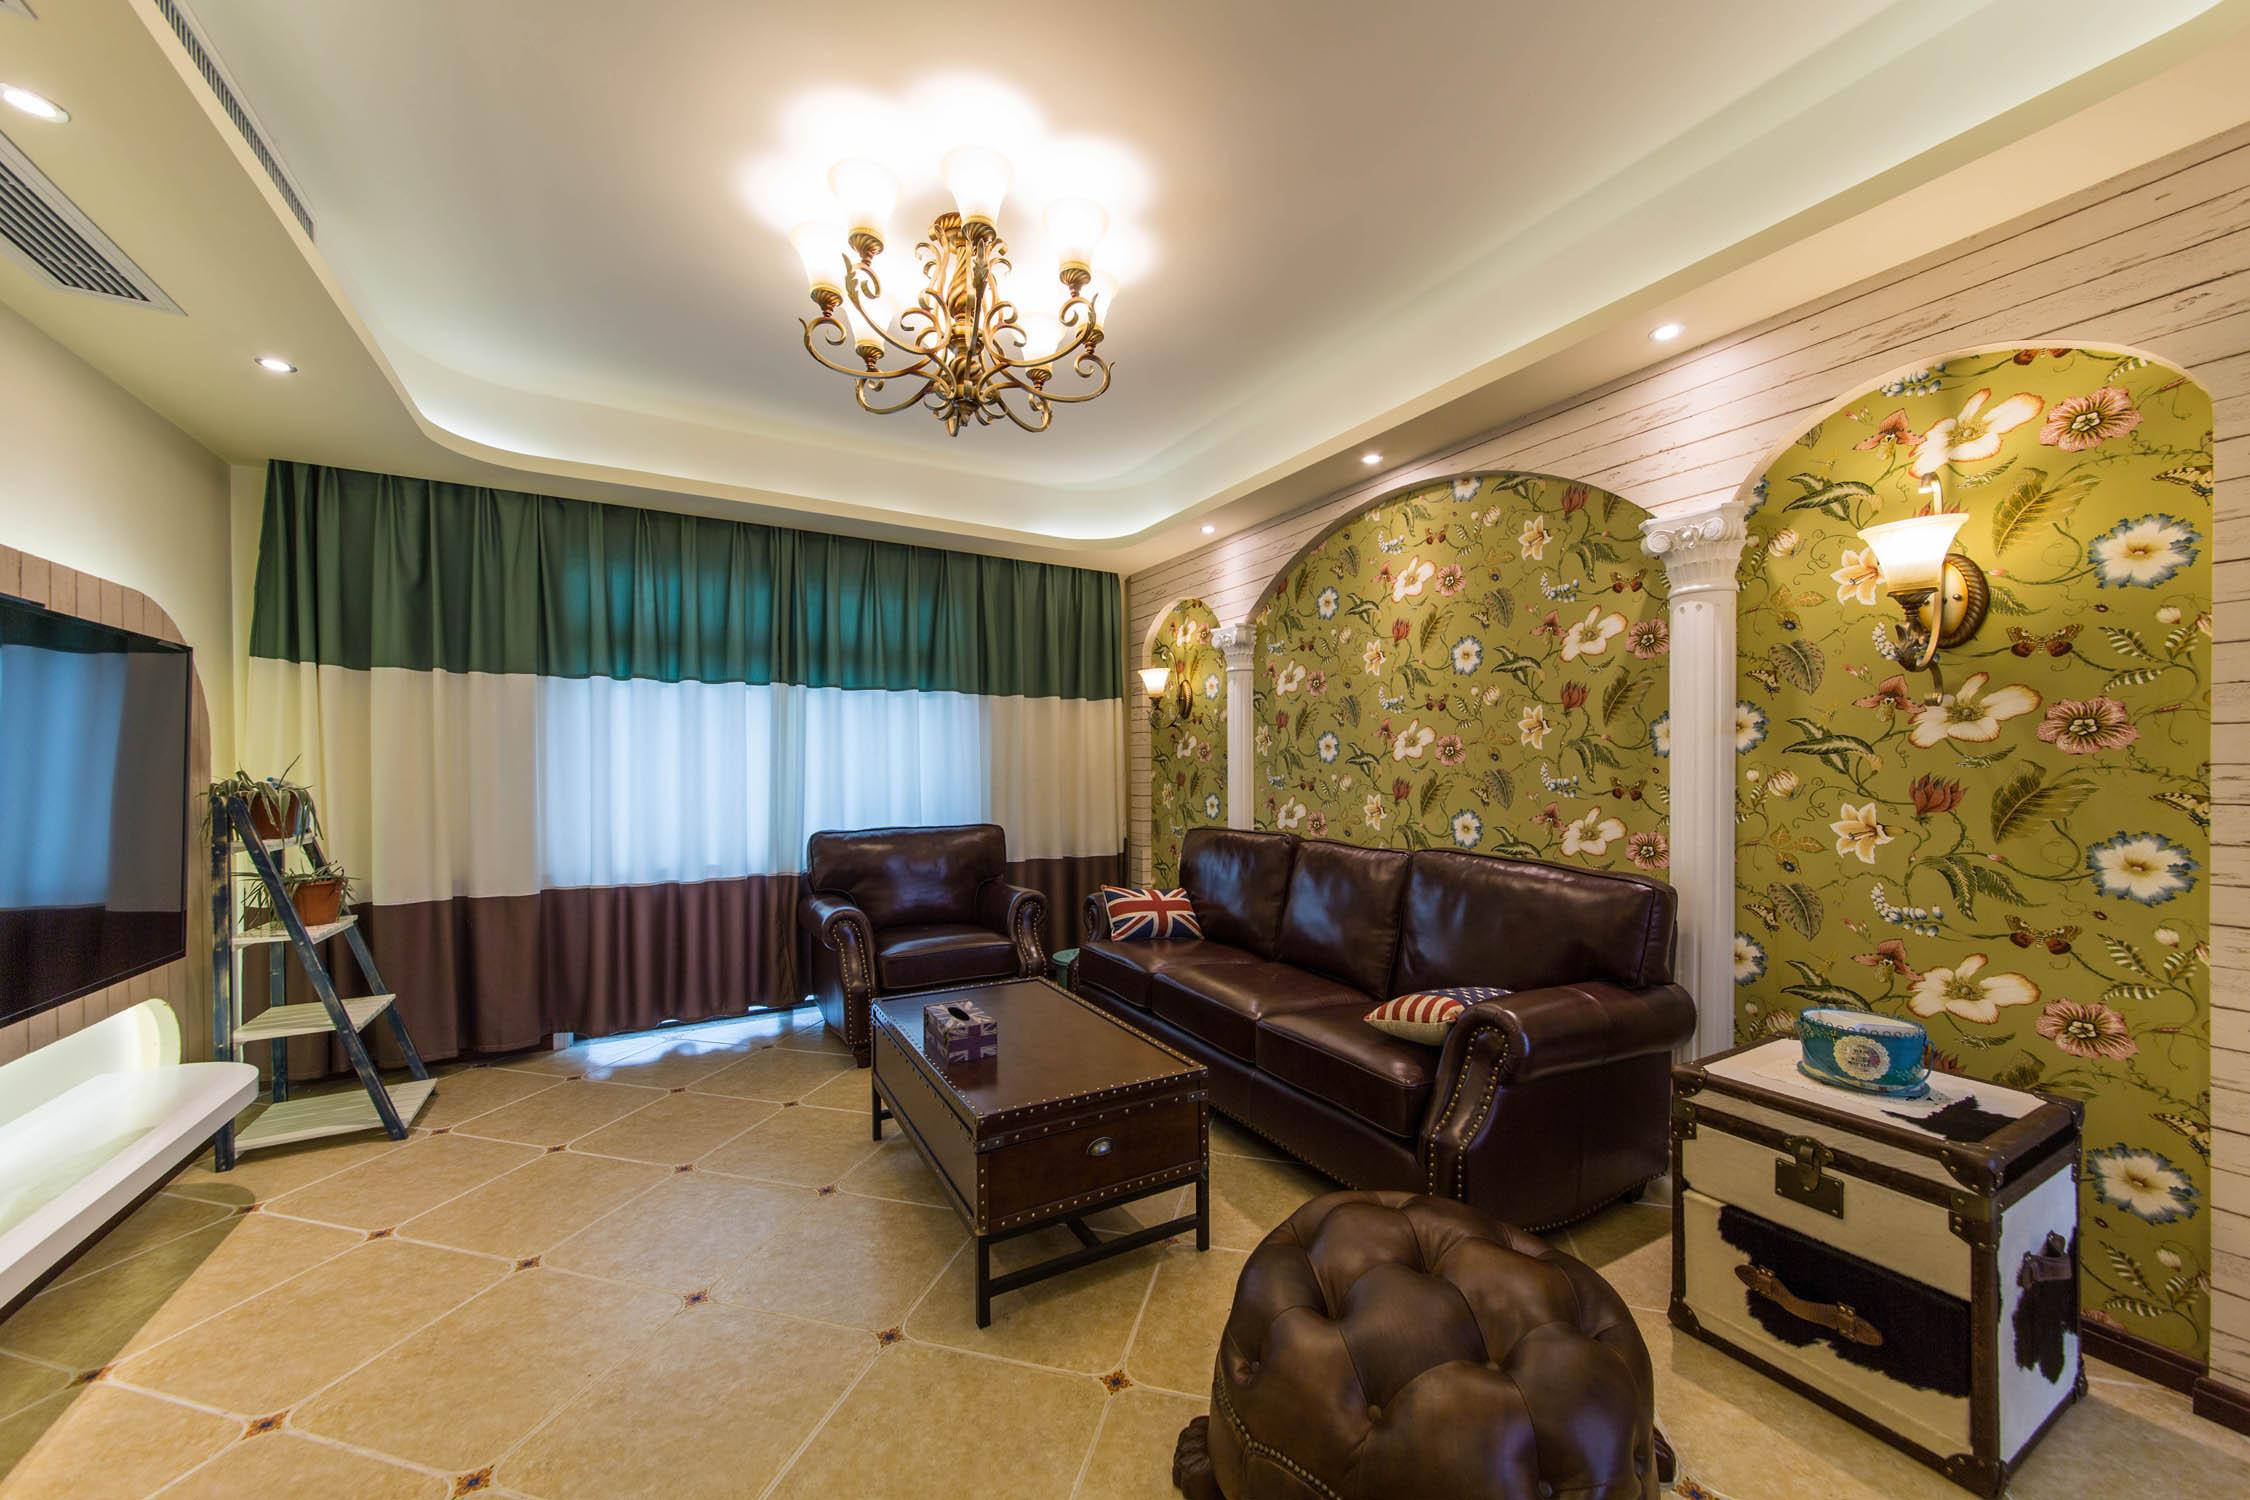 美式混搭风格家沙发背景墙图片